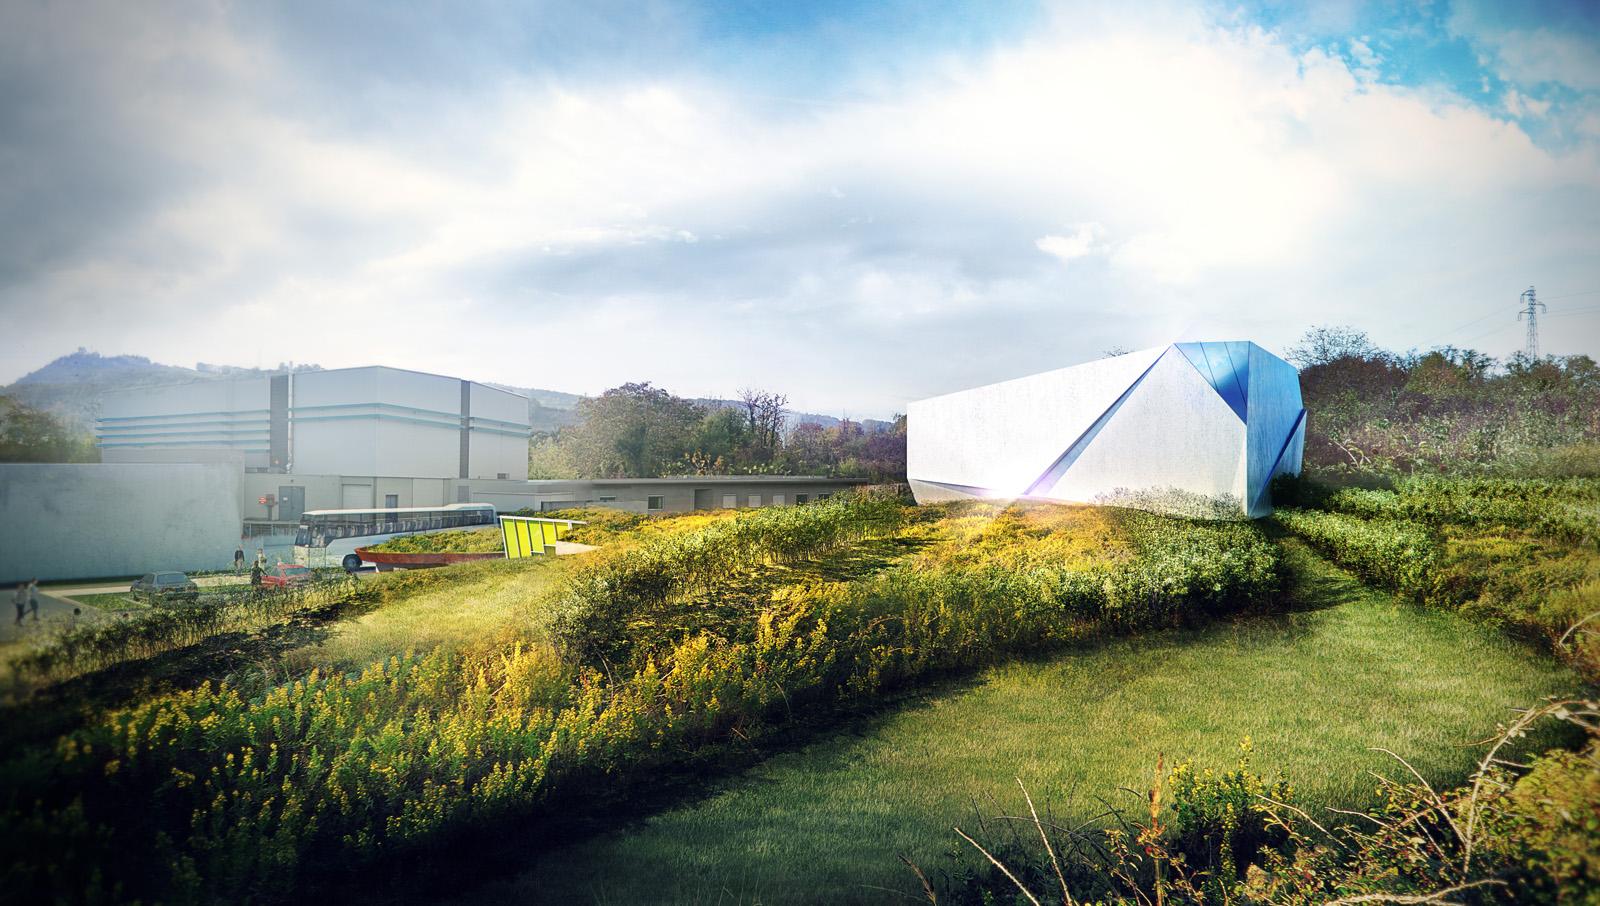 Image de concours pour l'architecture Prestations et services de l'agence CADSIGN